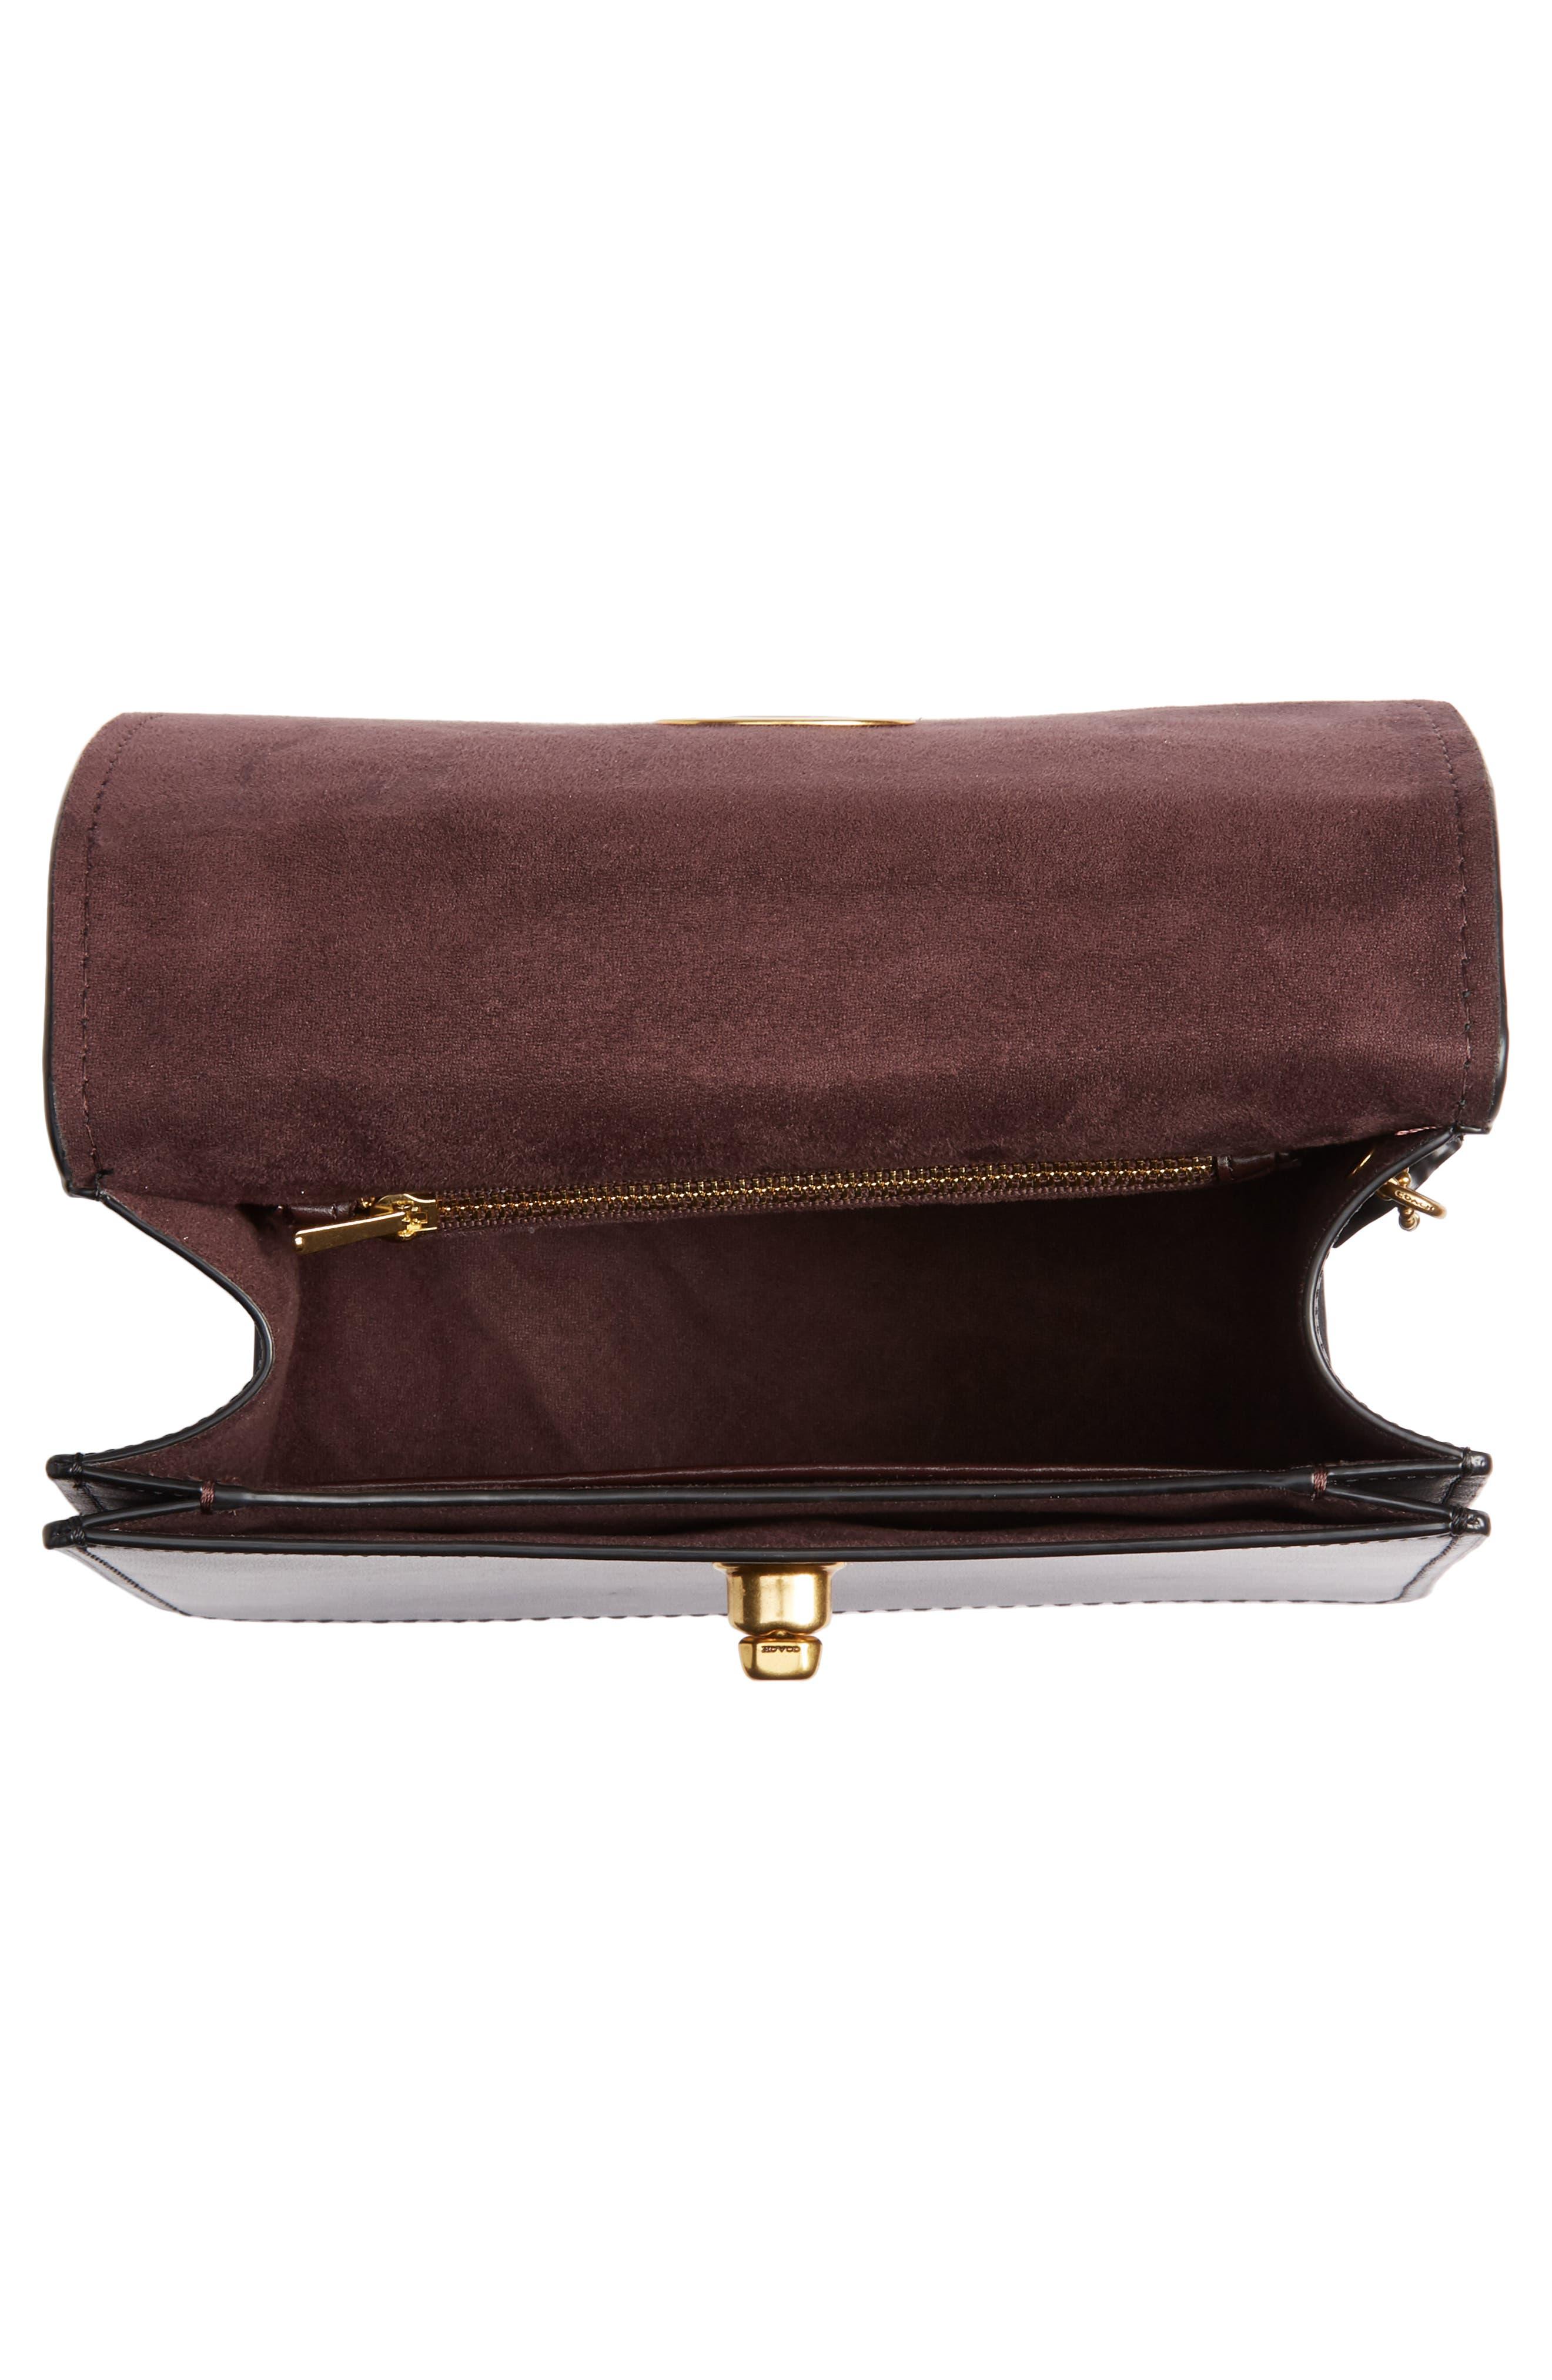 COACH,                             Parker Signature Canvas & Leather Top Handle Shoulder Bag,                             Alternate thumbnail 4, color,                             B4/ BLACK